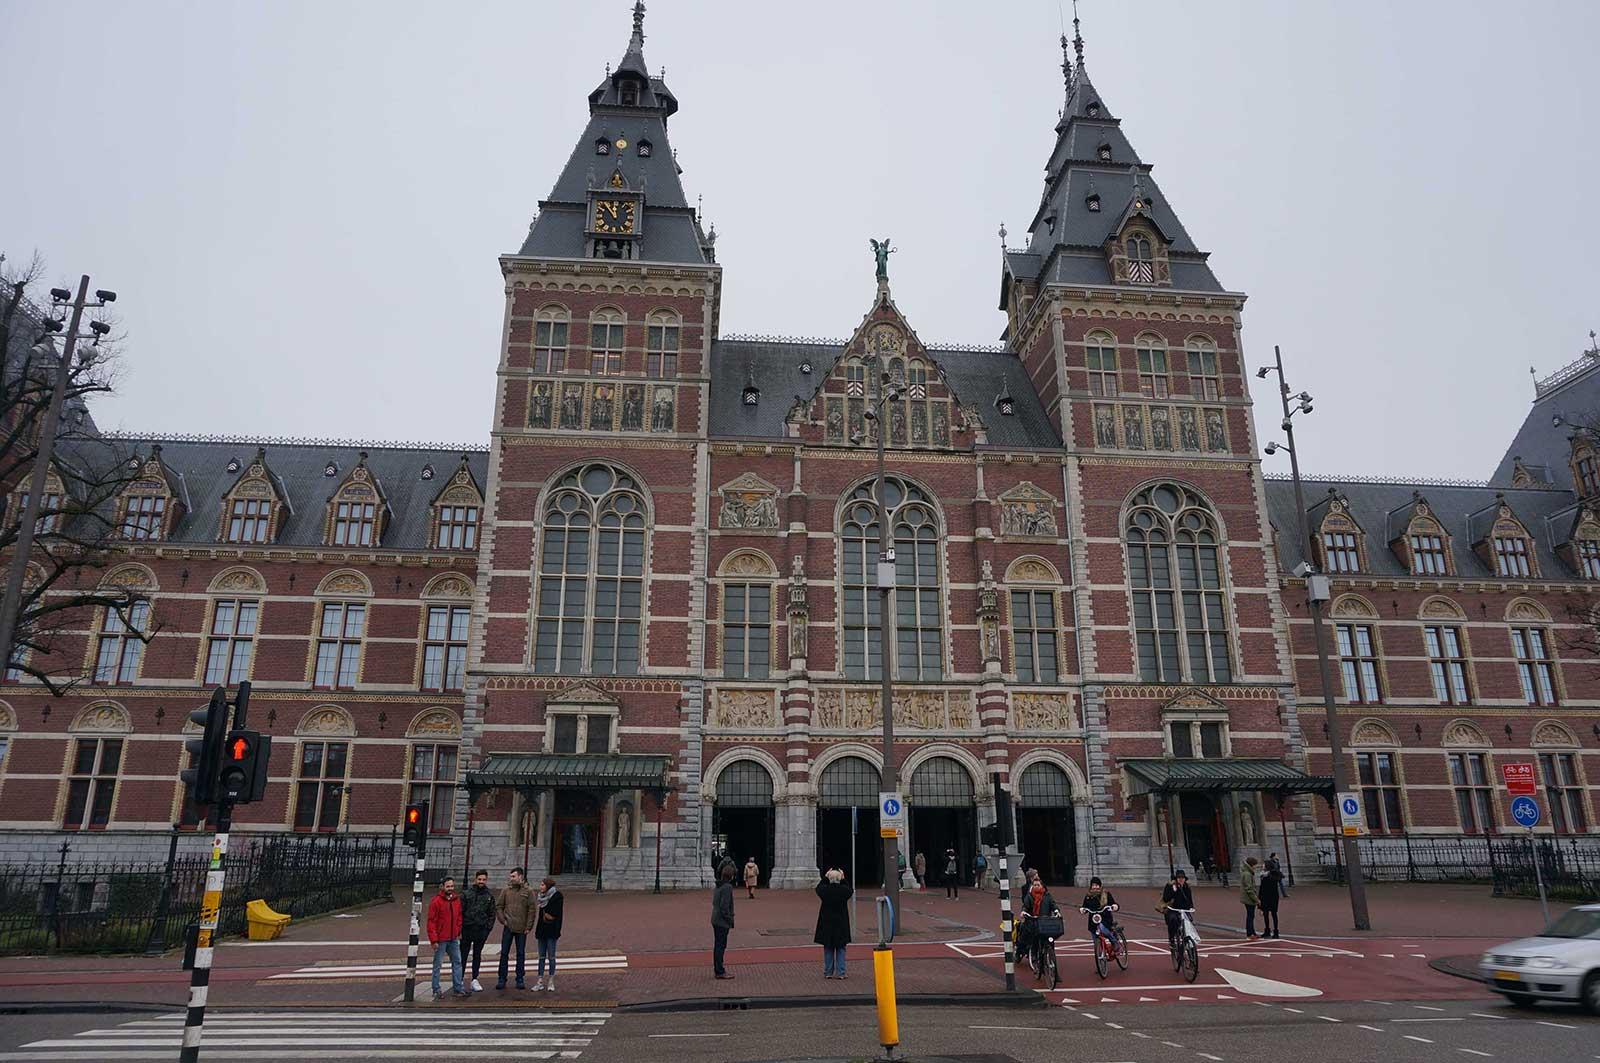 Museumplein - Müze meydanı - Müzeler meydanı - Iamsterdam